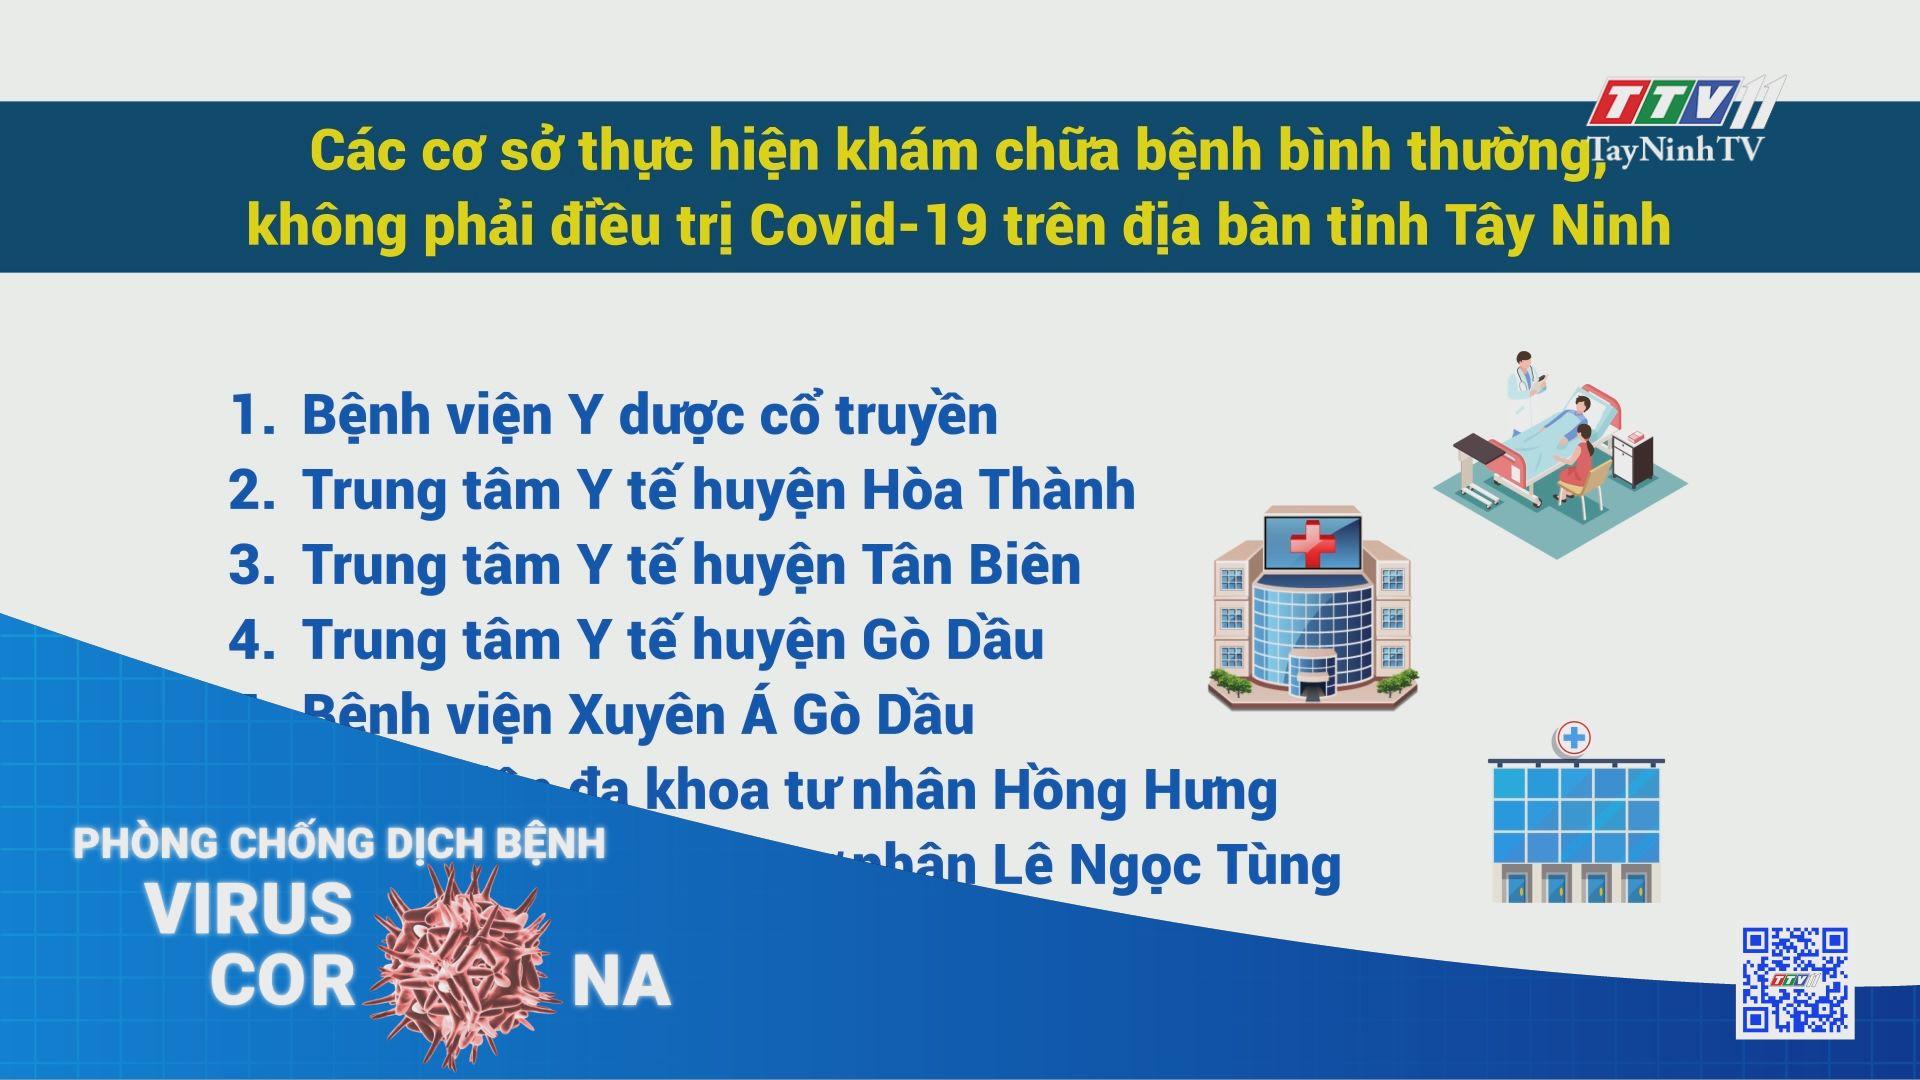 Thông báo các cơ sở thực hiện khám chữa bệnh bình thường trên địa bàn tỉnh | THÔNG TIN DỊCH COVID-19 | TayNinhTV